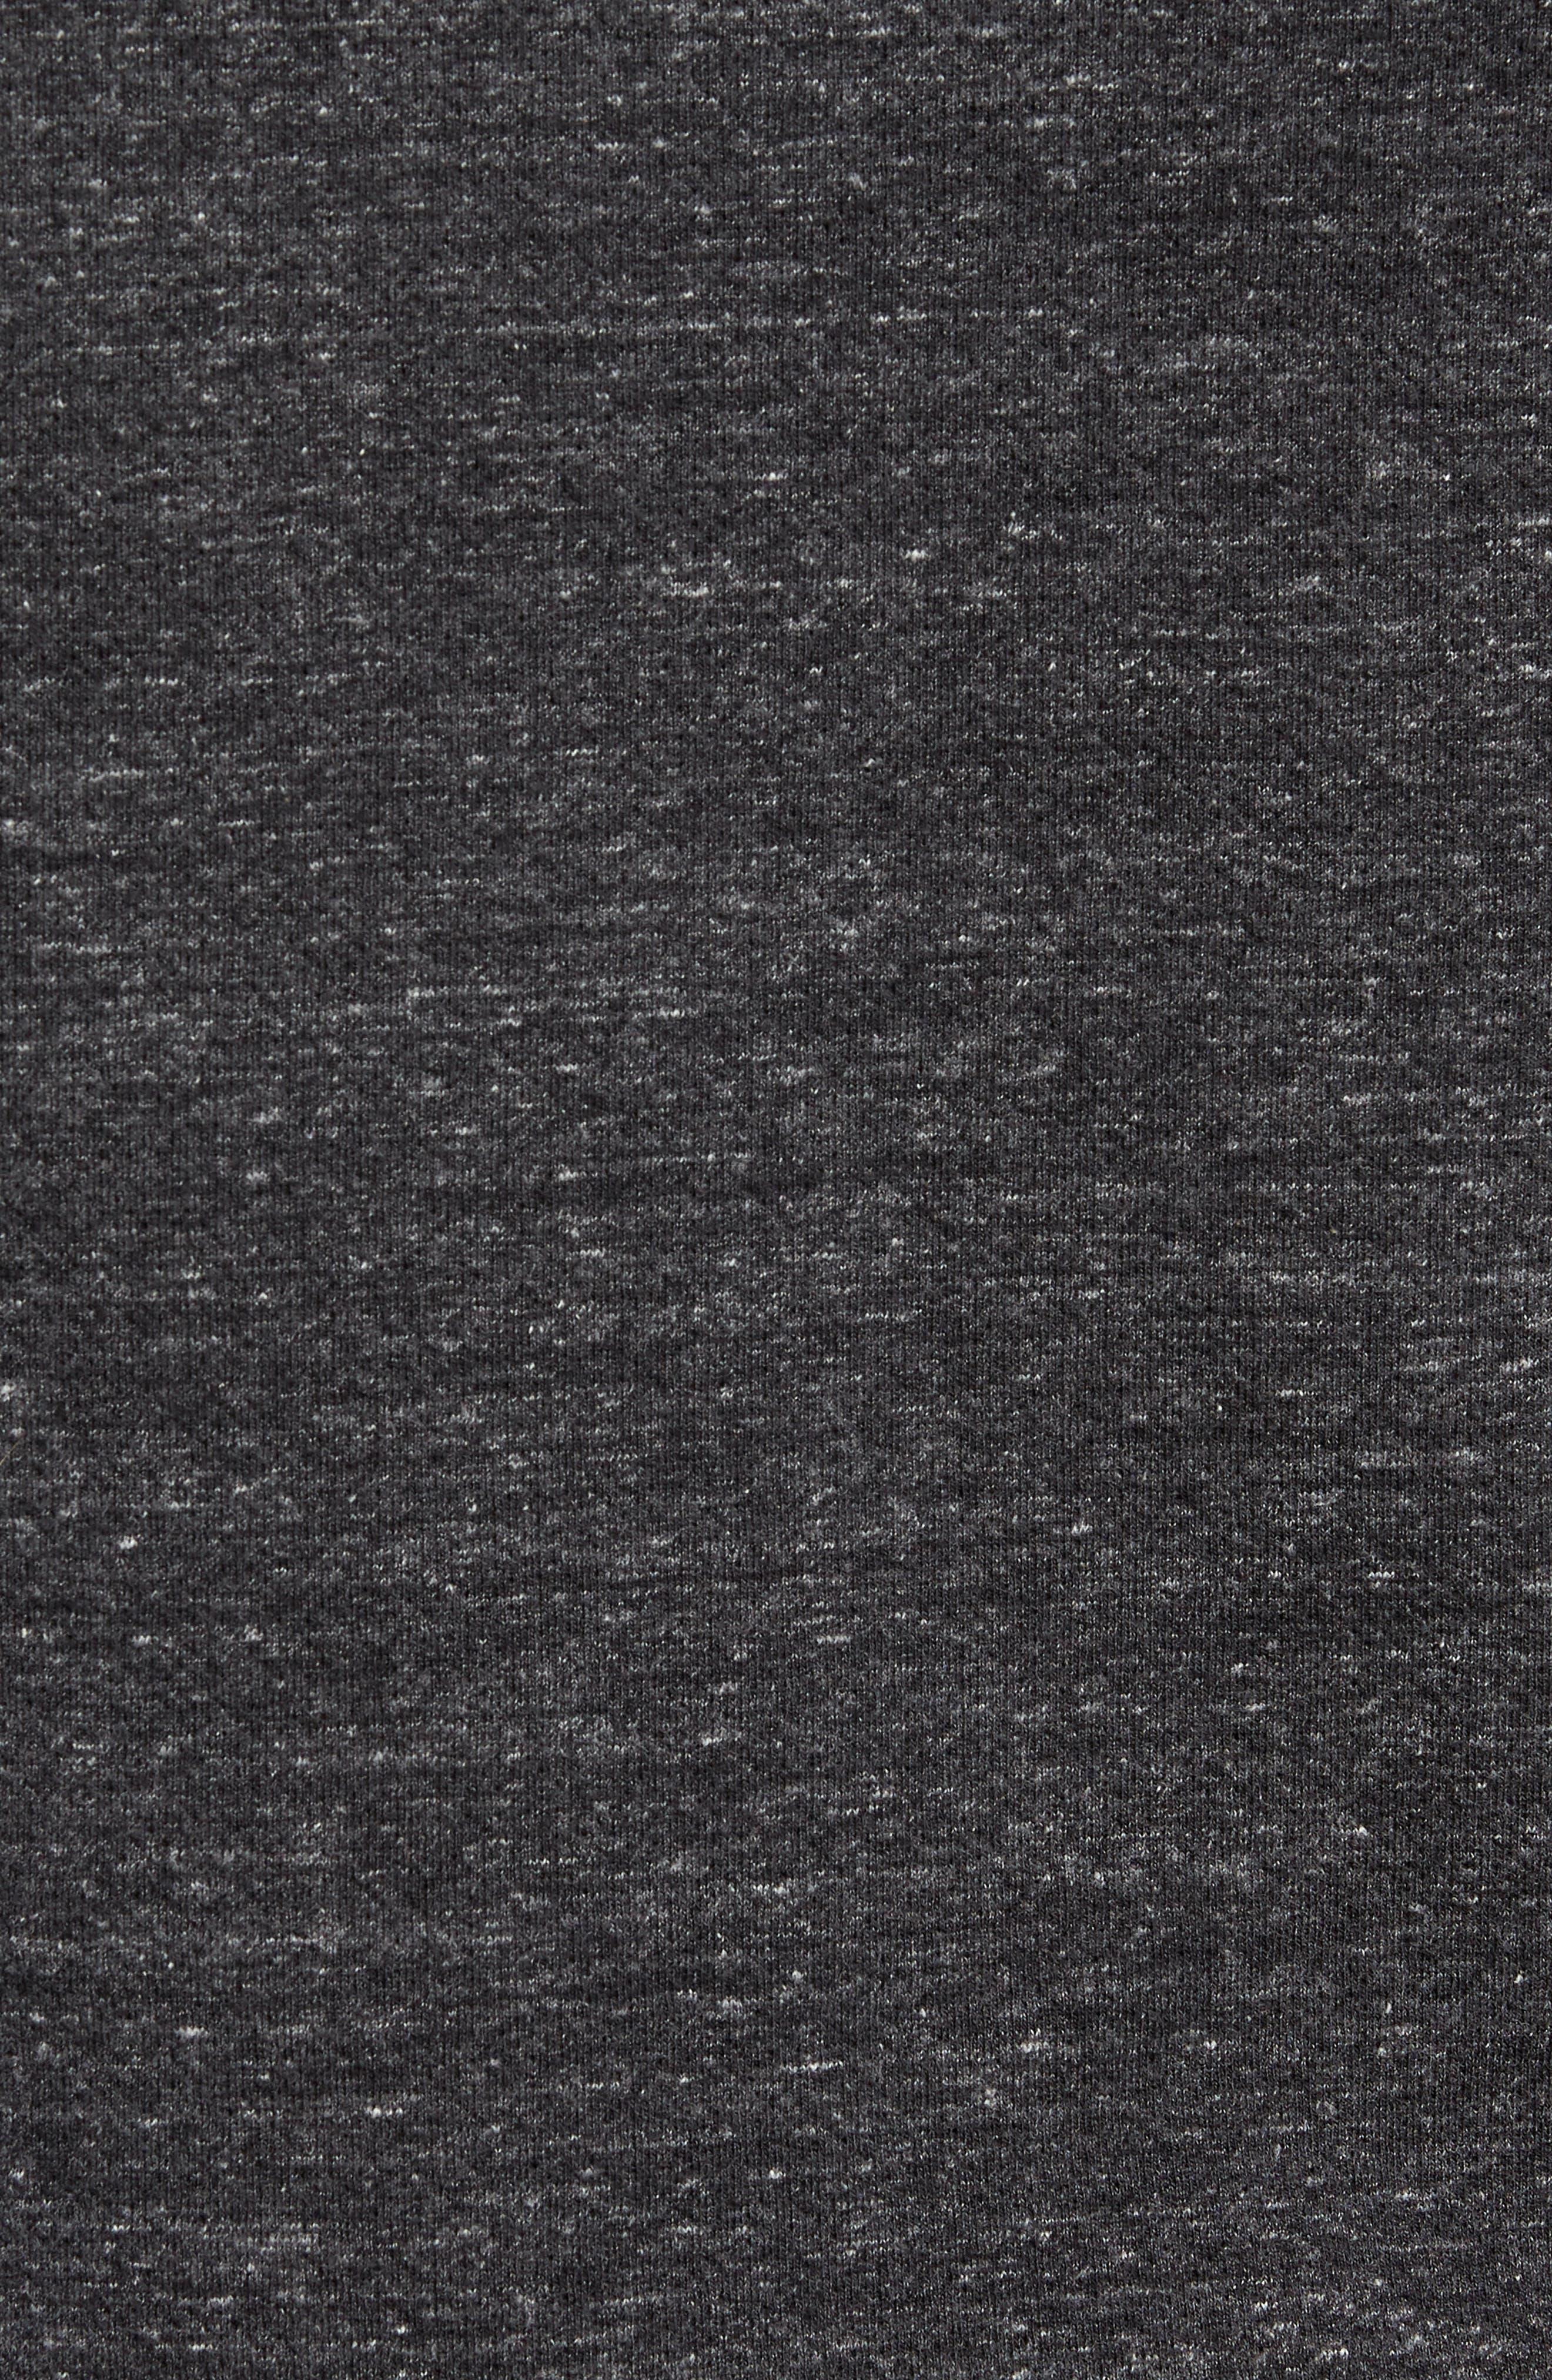 Trim Fit Side Zip Hooded Sweatshirt,                             Alternate thumbnail 5, color,                             020